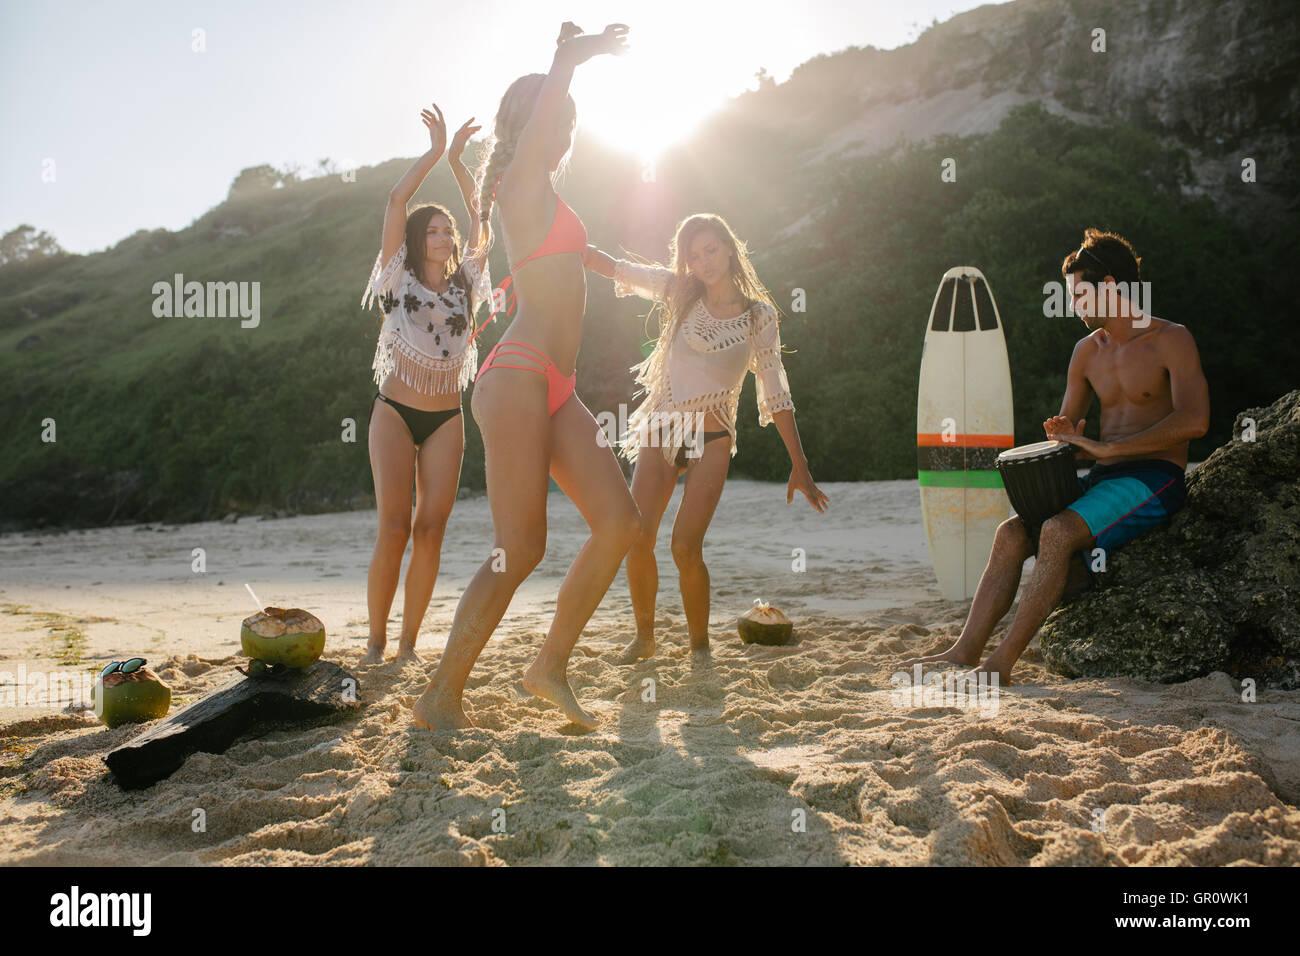 Gruppe junger Freunde am Strand feiern und tanzen. Junge Leute, die Spaß am Beach-Party, Frauen tanzen und Stockbild